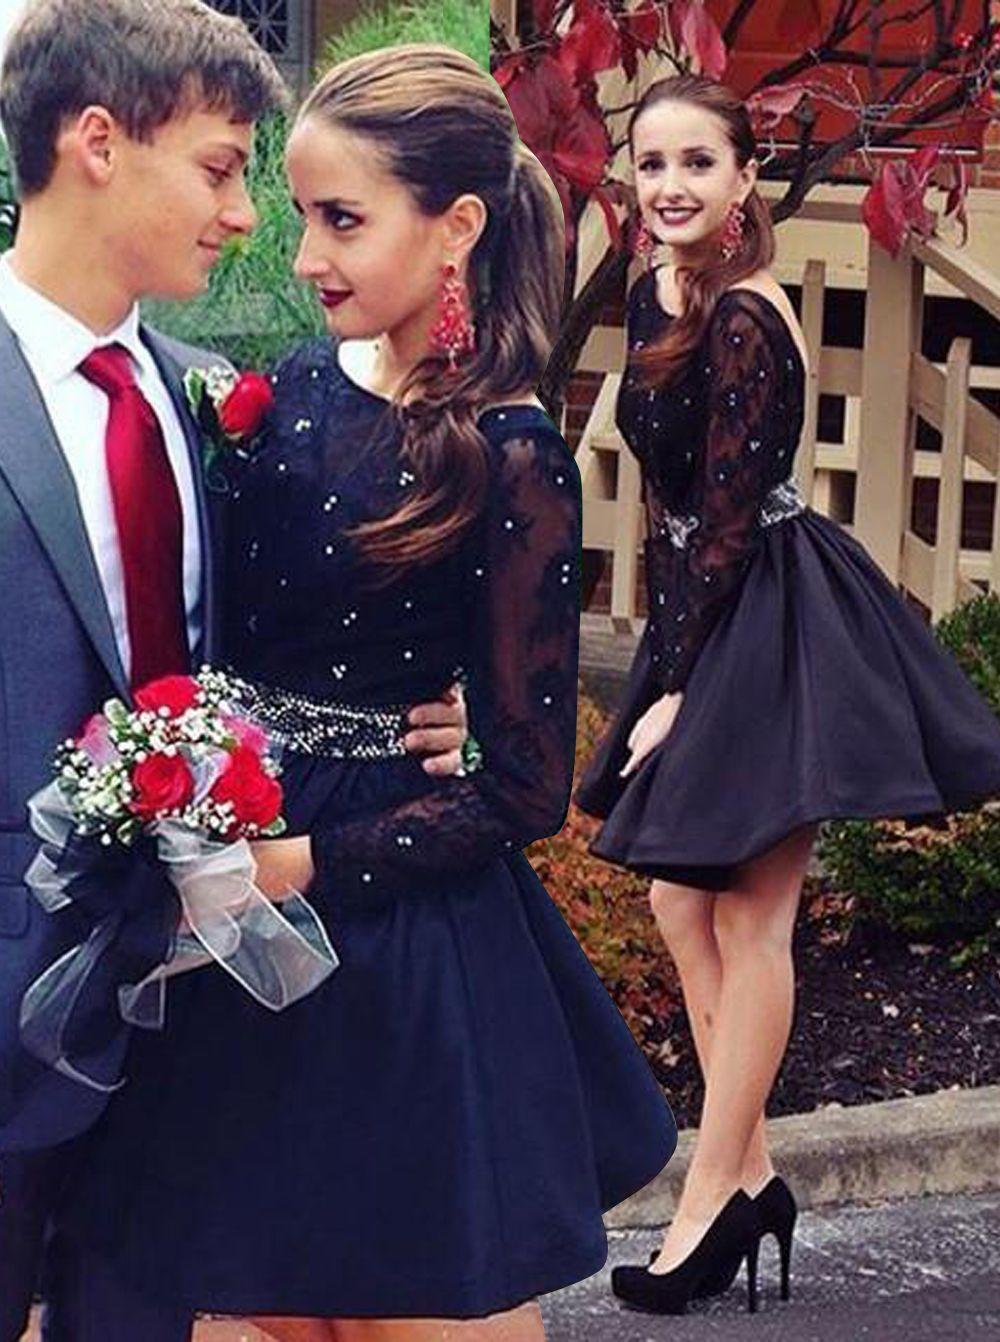 Short homecoming dresshomecoming dresshomecoming dressesshort